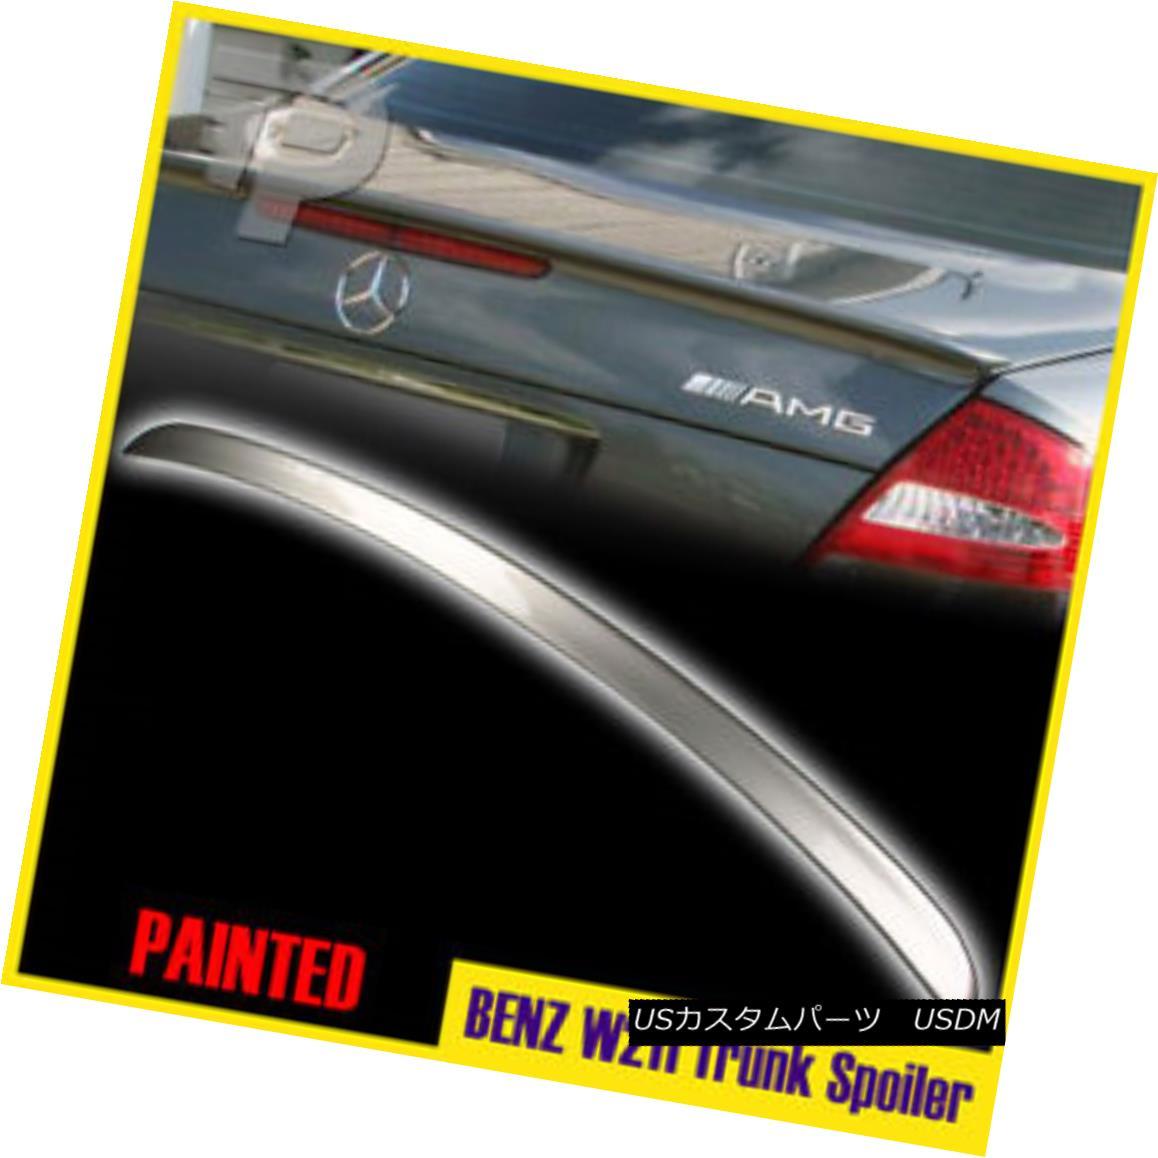 エアロパーツ Painted #723 Mercedes Benz W211 E-Class Saloon 4D Rear Trunk Wing Spoiler Boot ペイント#723メルセデスベンツW211 Eクラスサロン4Dリアトランクウィングスポイラーブーツ